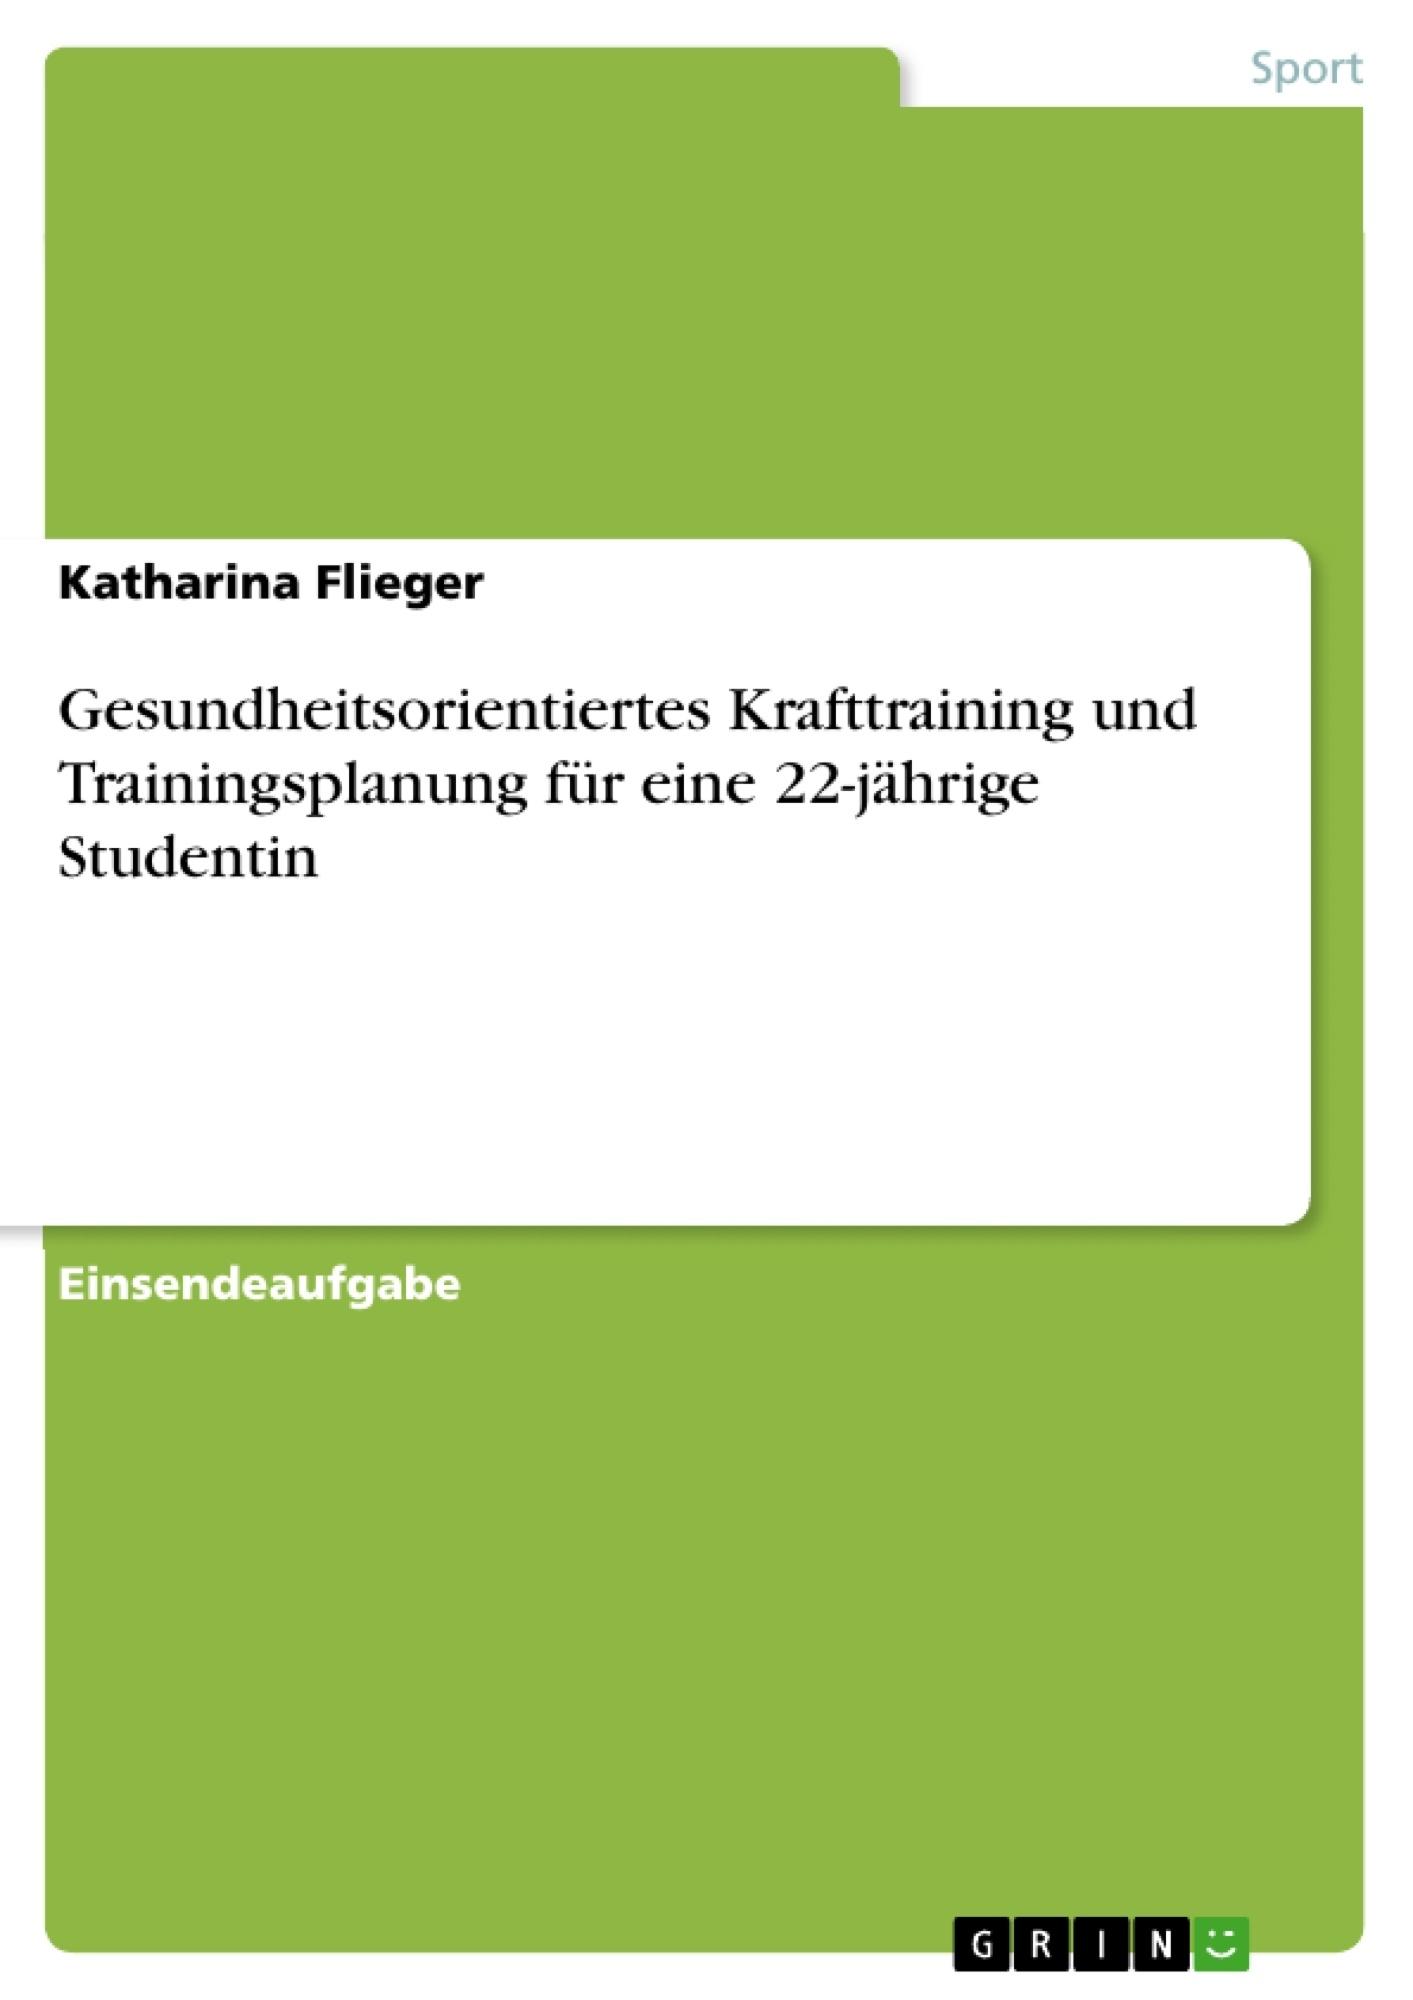 Titel: Gesundheitsorientiertes Krafttraining und Trainingsplanung für eine 22-jährige Studentin